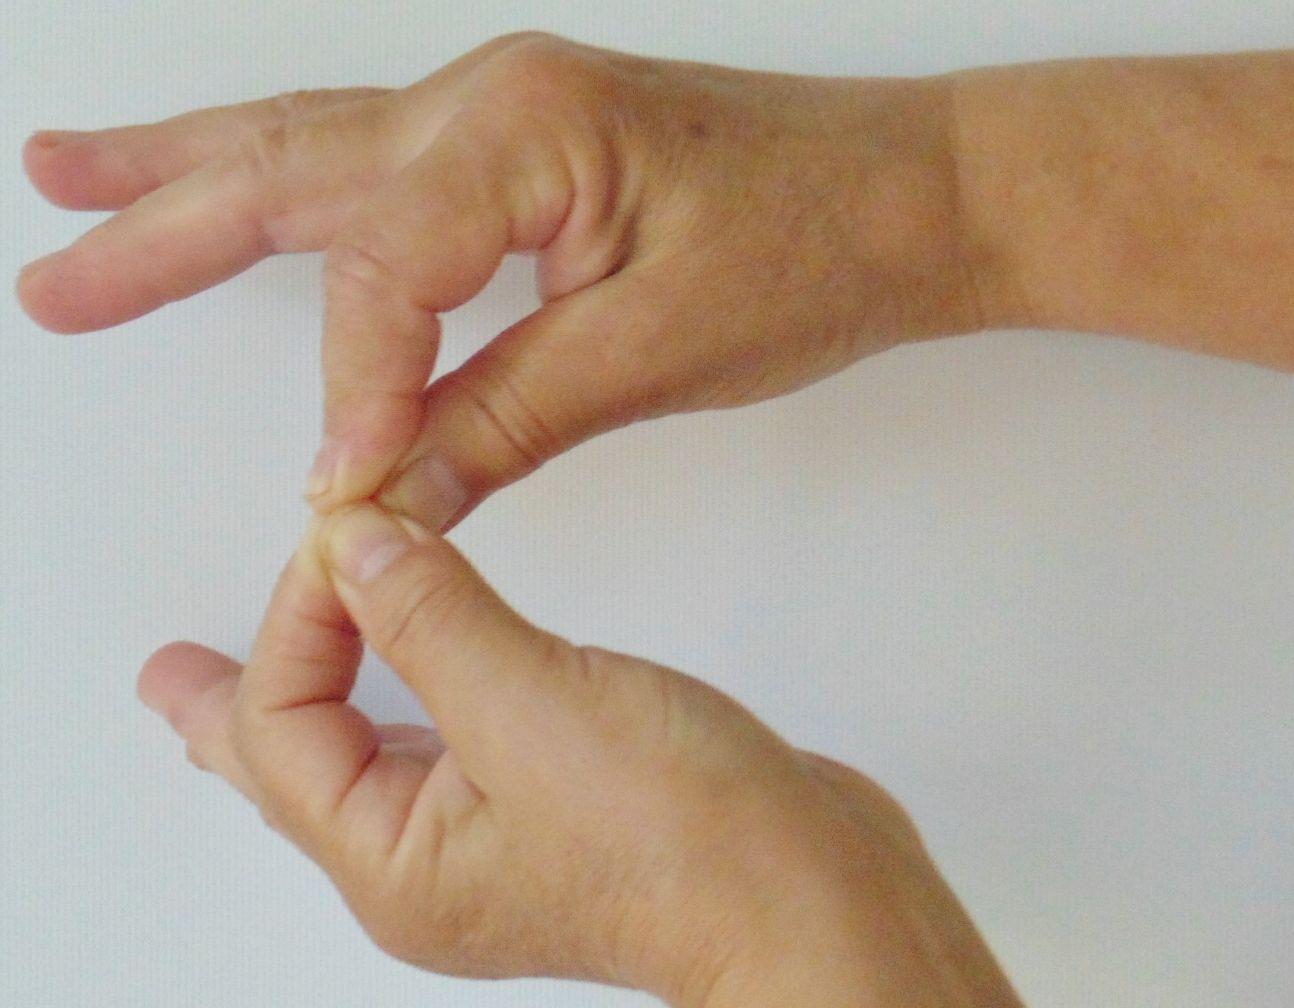 magas vérnyomás anyagcserezavarok alacsony vérnyomás magas vérnyomás okoz